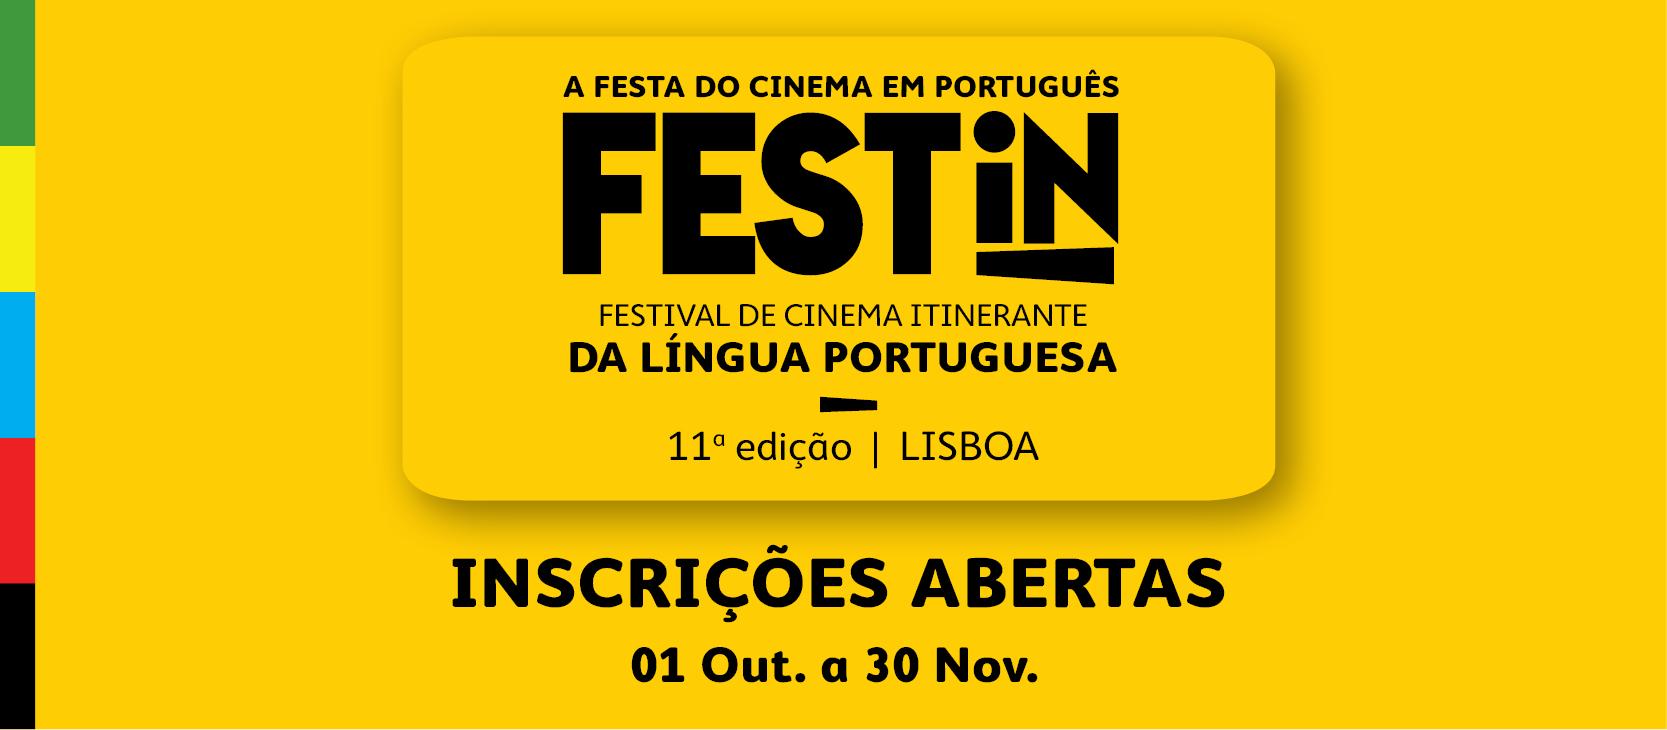 INSCRIÇÕES  ABERTAS  PARA  A  11ª  EDIÇÃO  DO  FESTIN